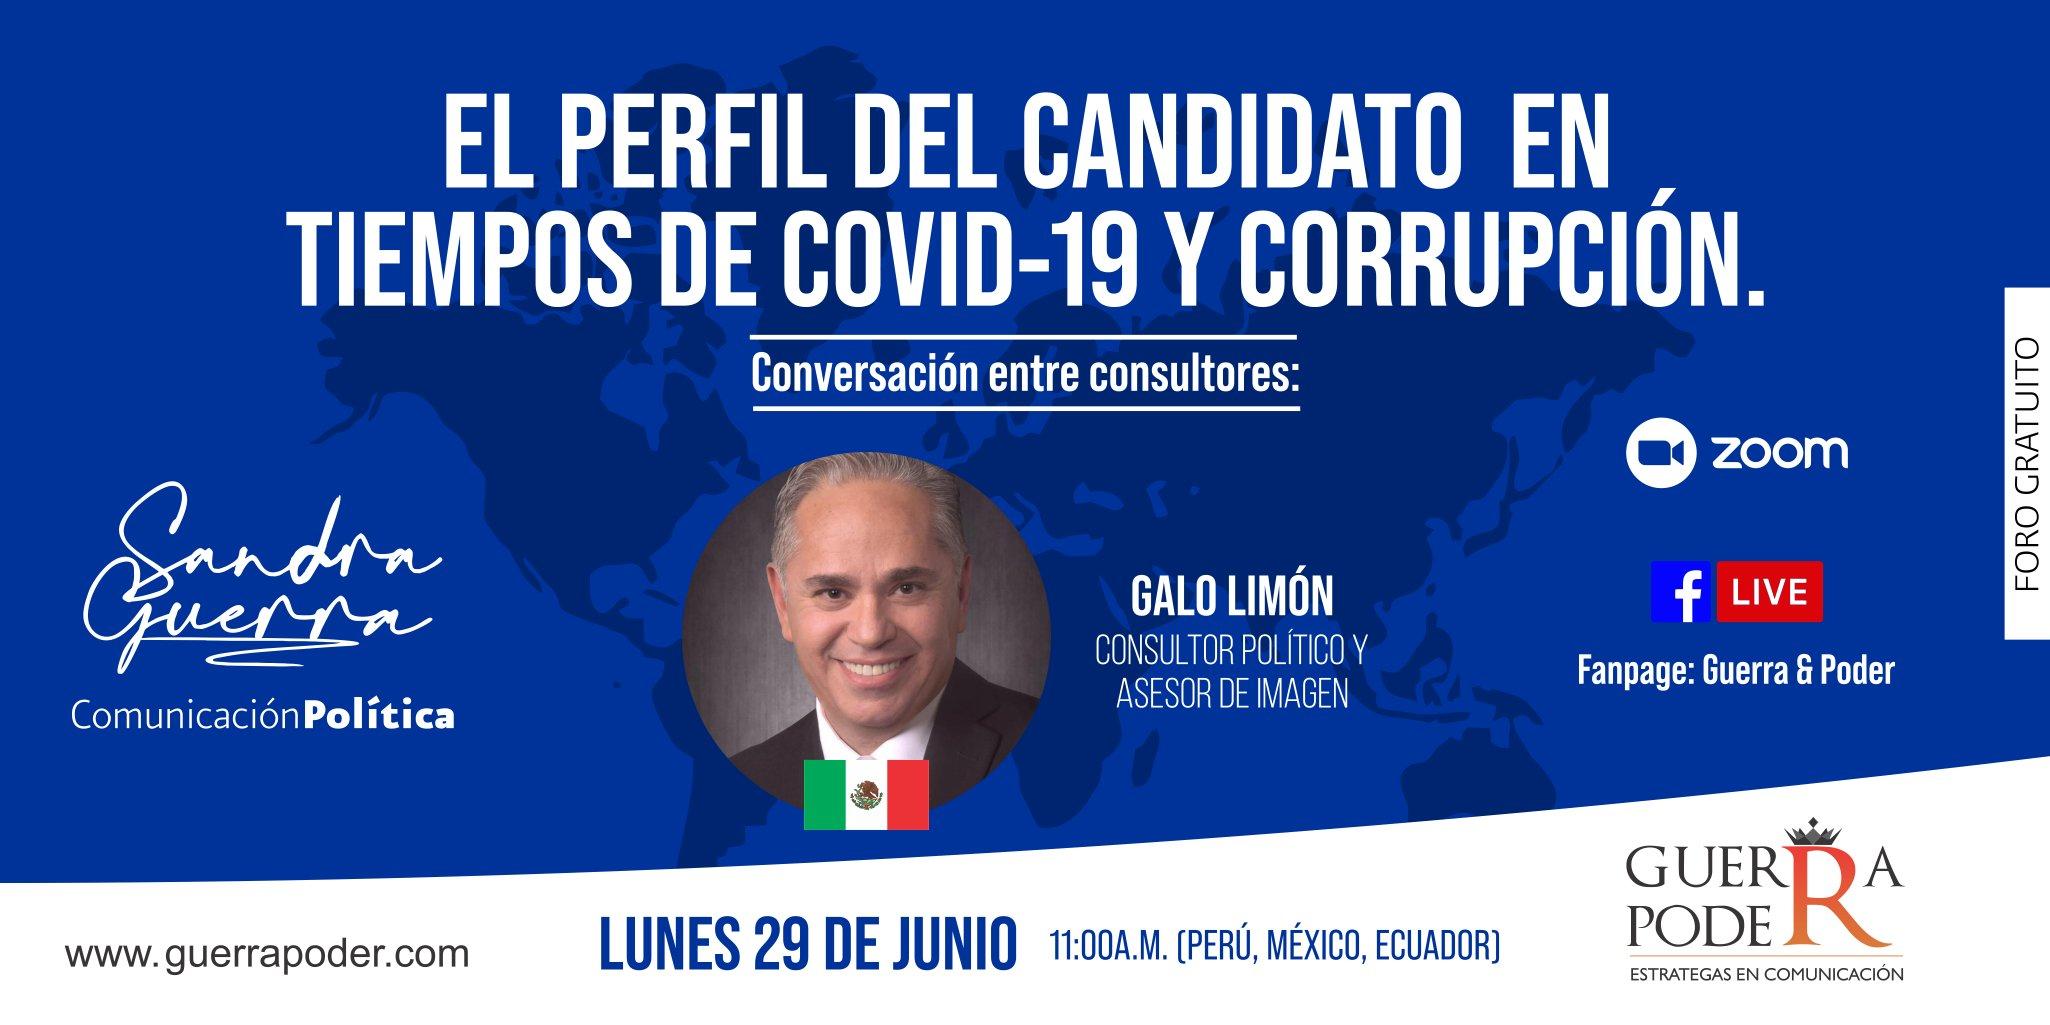 Galo Limón Consultor Político Mexico Guerra y Poder El perfil del candidato en tiempos de COVID19 y corrupción